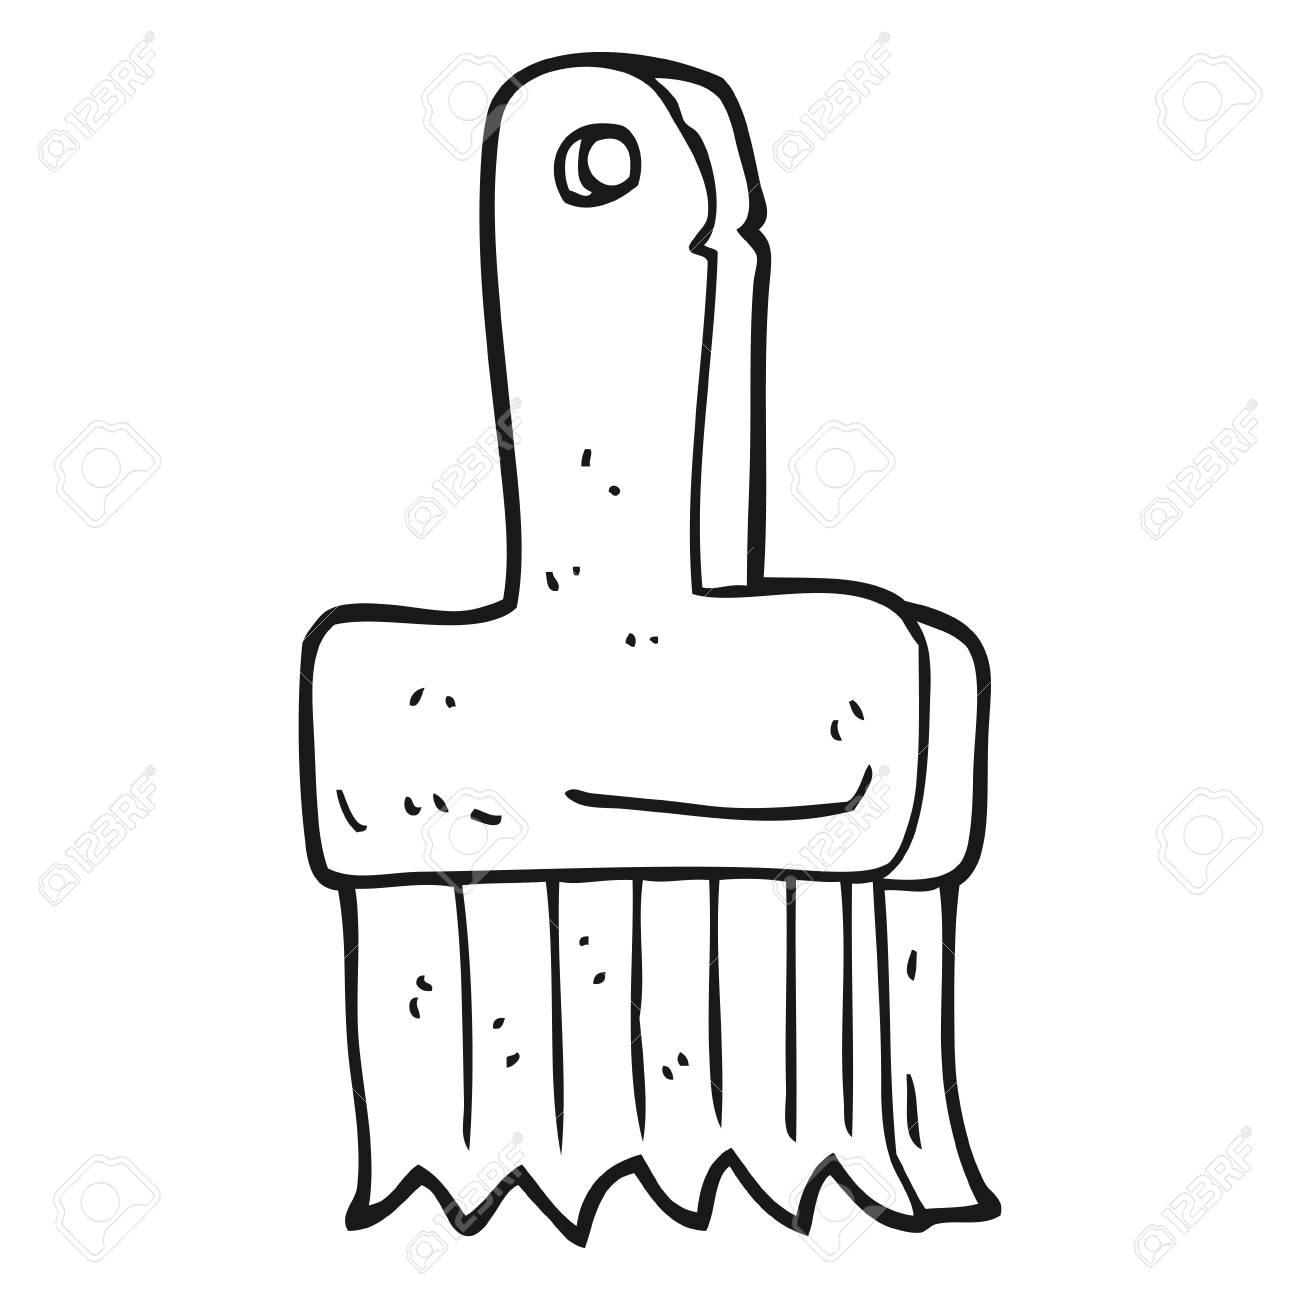 Pinsel clipart schwarz weiß  Freihand Gezeichnete Schwarz-Weiß-Cartoon Pinsel Lizenzfrei Nutzbare ...